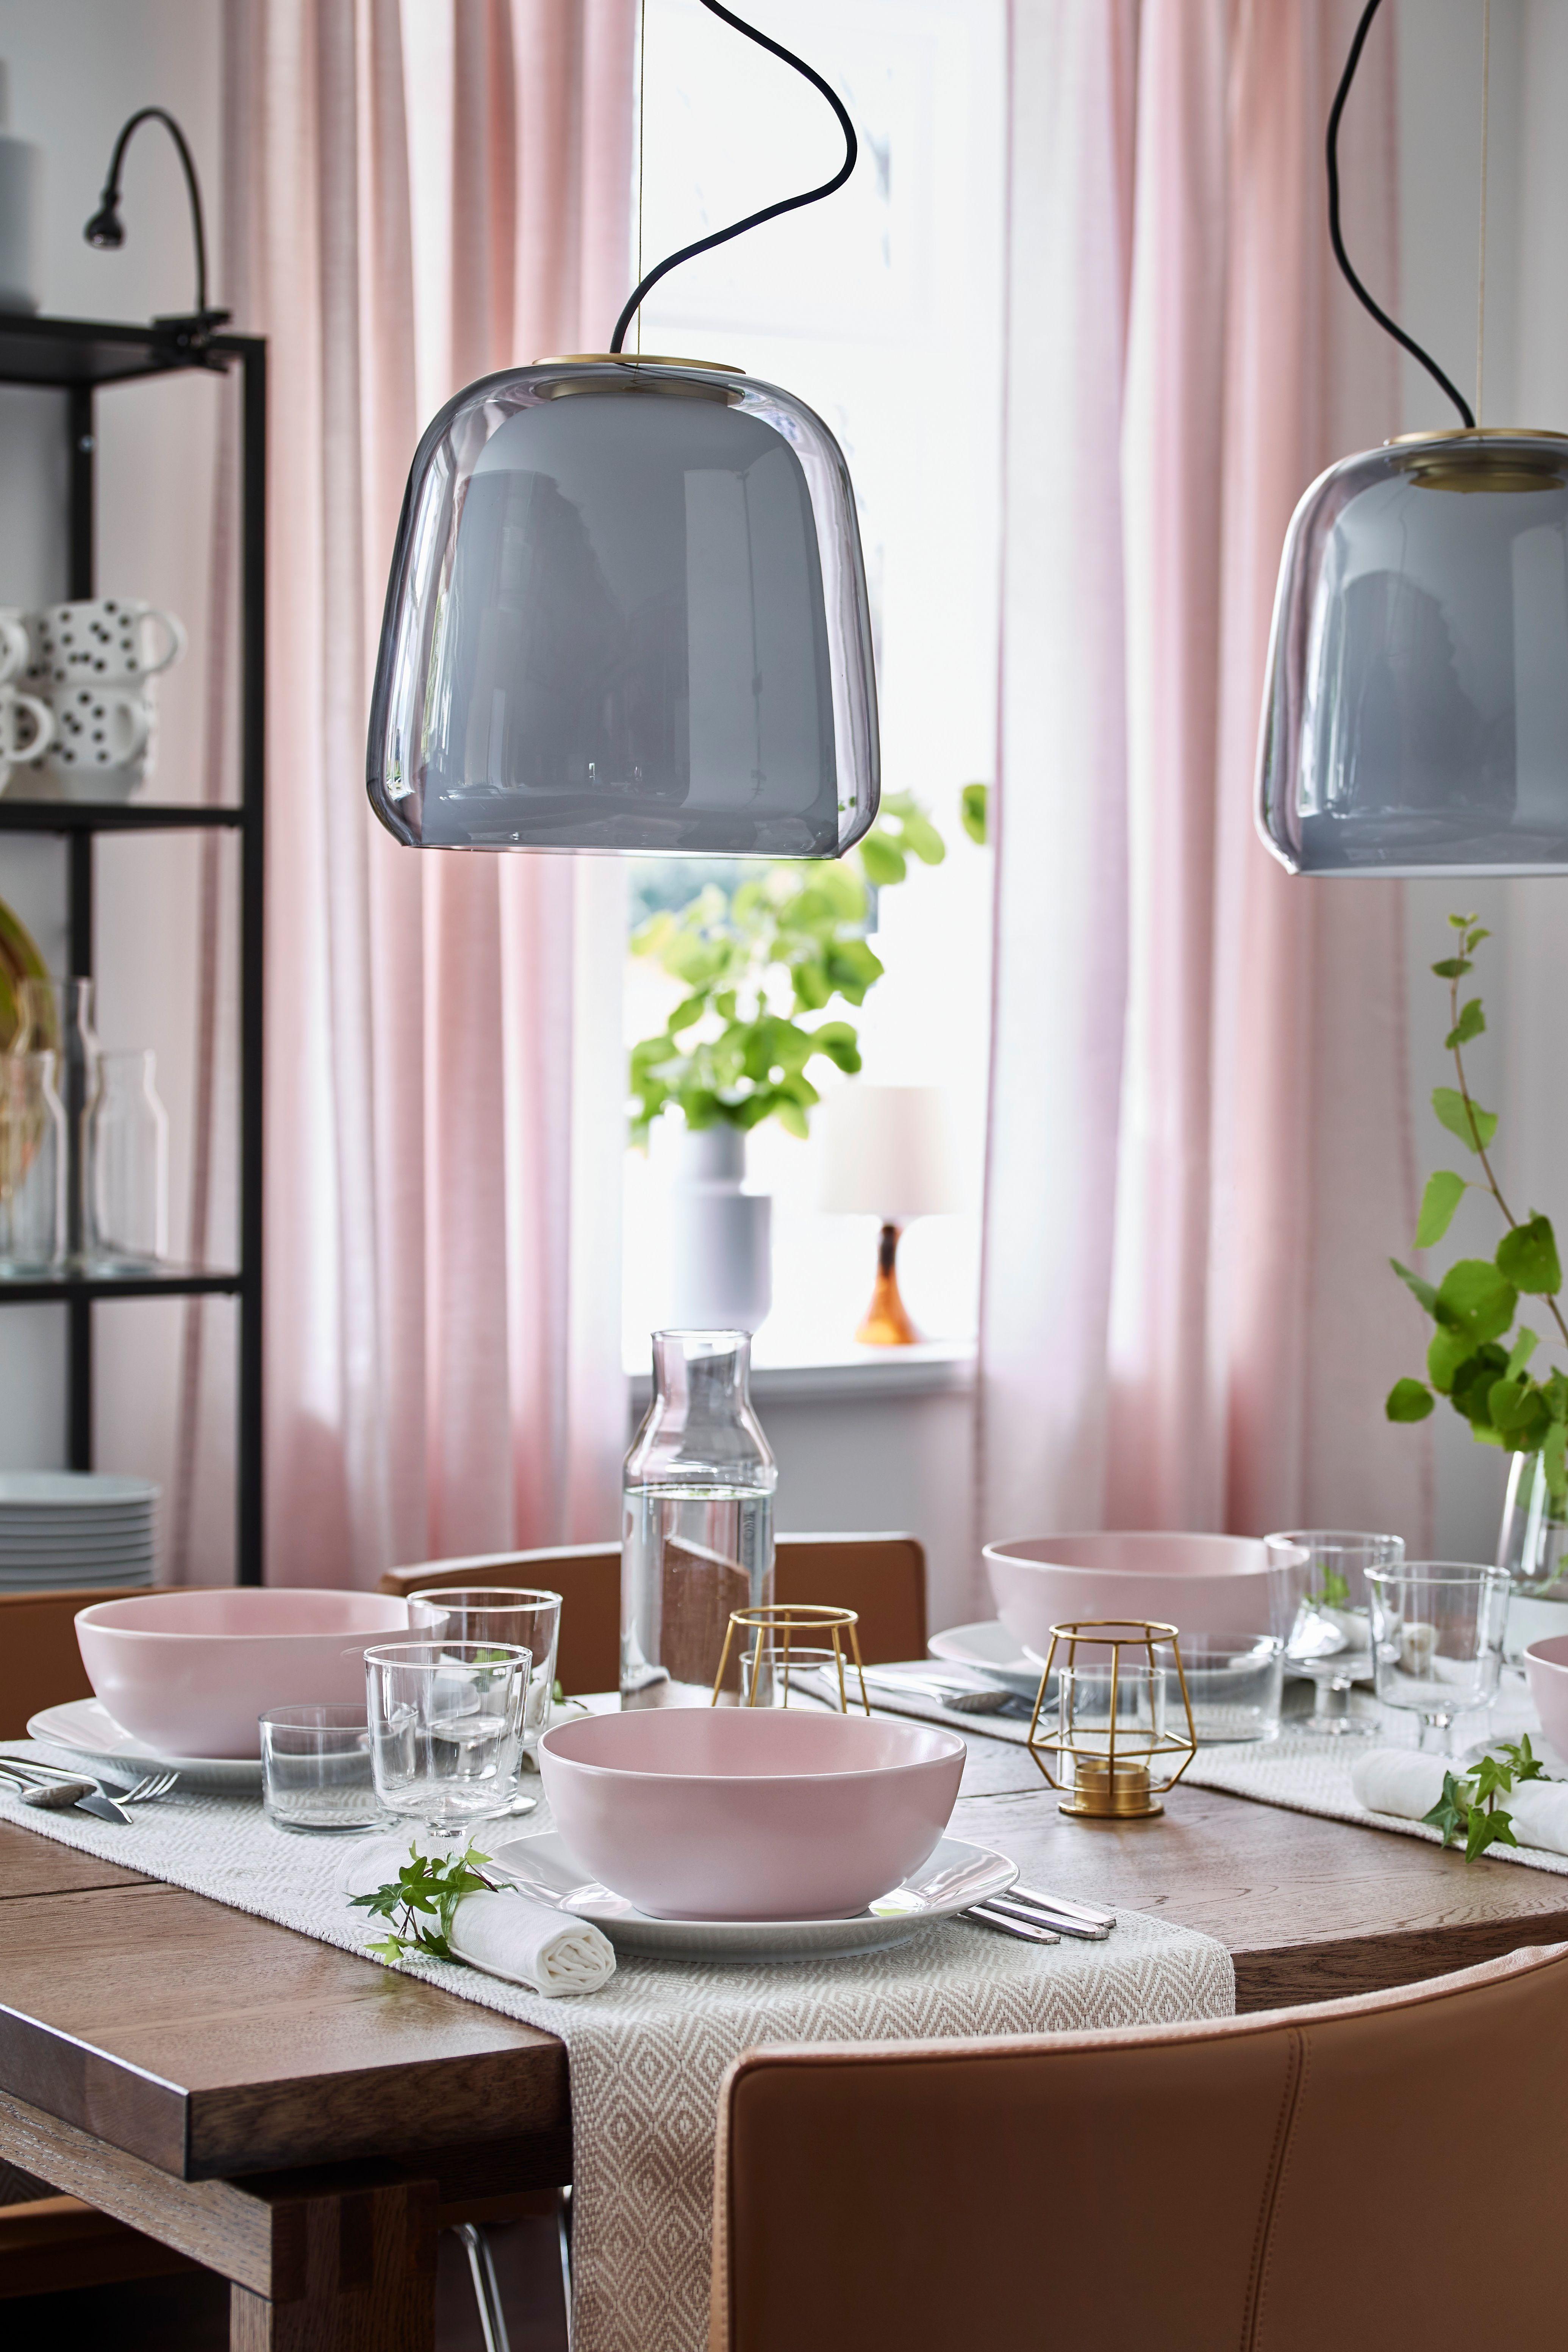 Evedal Hangeleuchte Grau Ikea Deutschland Anhanger Lampen Hangeleuchte Ikea Lampen